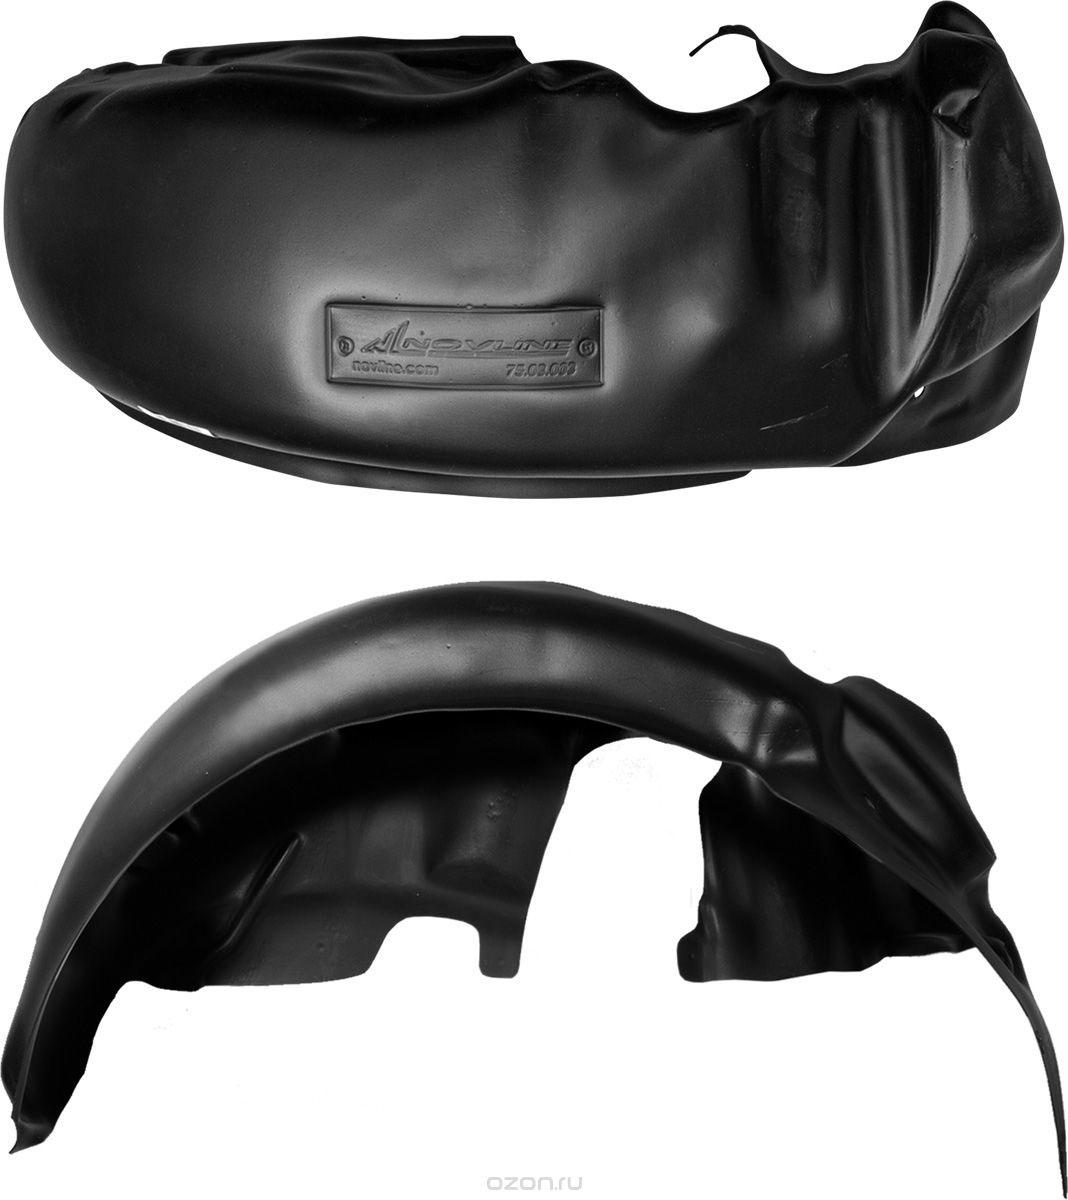 Подкрылок Novline-Autofamily, для Нива, 04/1997->, б/б, передний правый002402Идеальная защита колесной ниши. Локеры разработаны с применением цифровых технологий, гарантируют максимальную повторяемость поверхности арки. Изделия устанавливаются без нарушения лакокрасочного покрытия автомобиля, каждый подкрылок комплектуется крепежом. Уважаемые клиенты, обращаем ваше внимание, что фотографии на подкрылки универсальные и не отражают реальную форму изделия. При этом само изделие идет точно под размер указанного автомобиля.